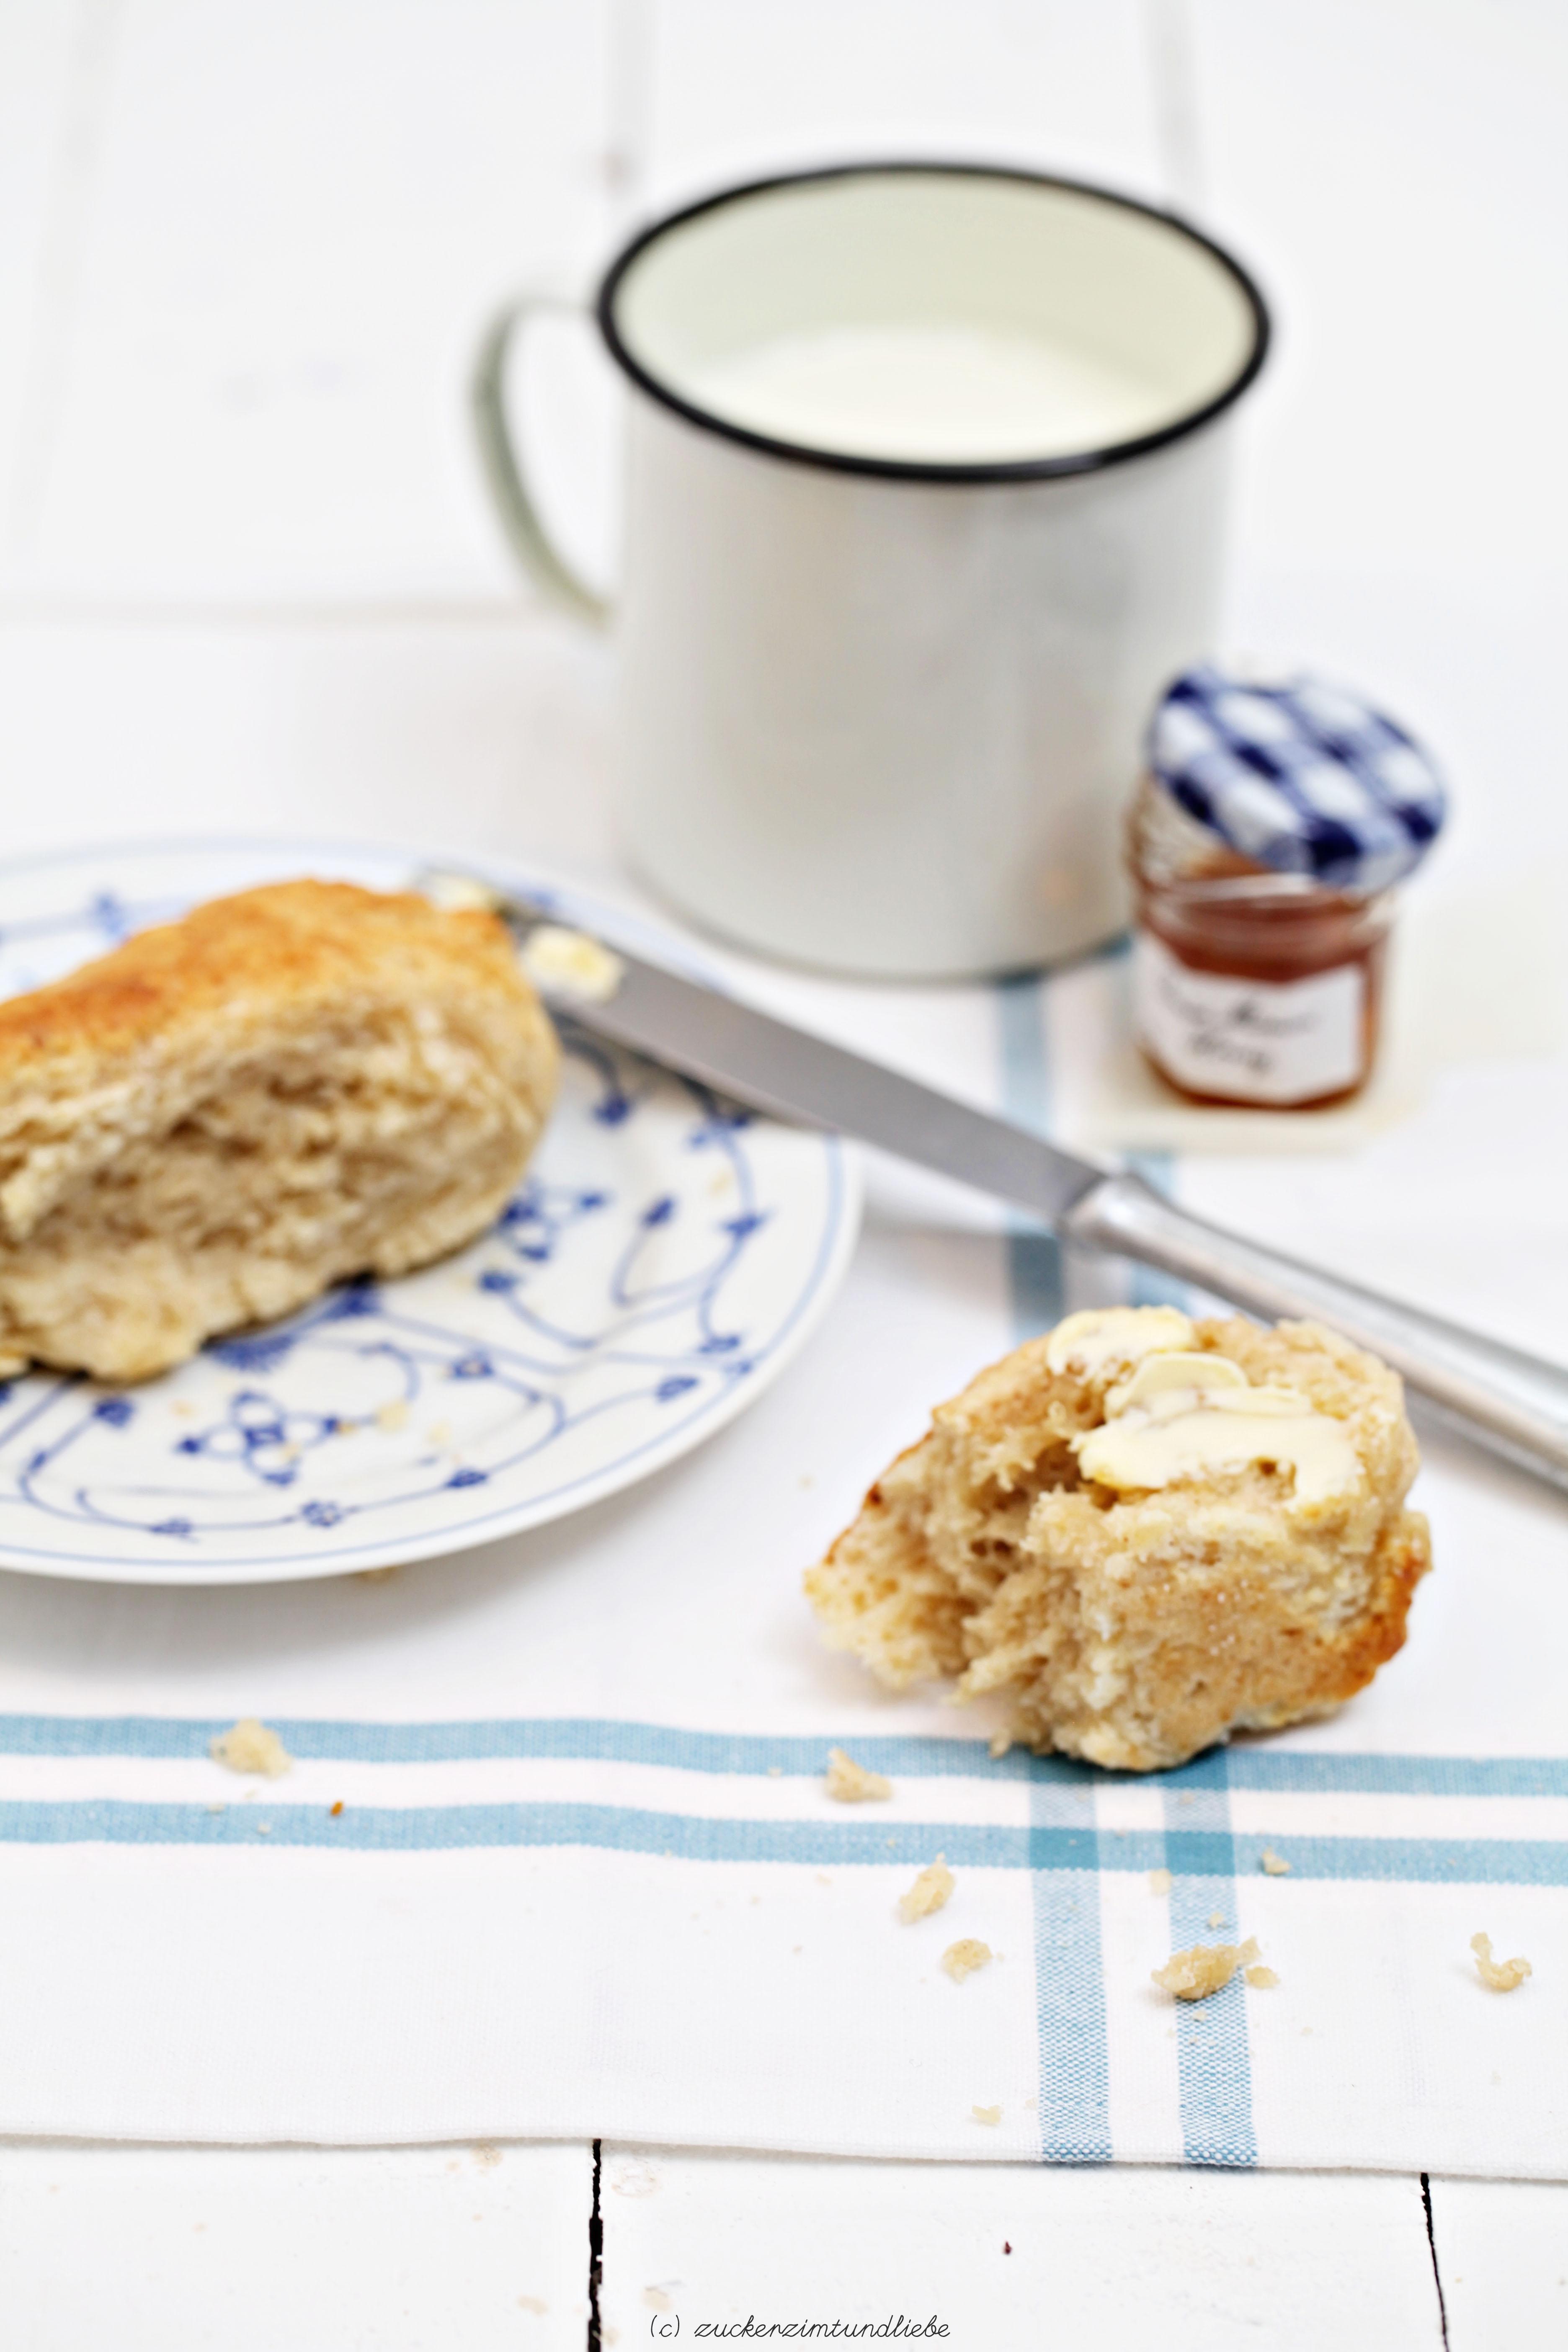 Rezept Quarkteig Weck Honig Zuckerzimtundliebe für Postausmeinerküche